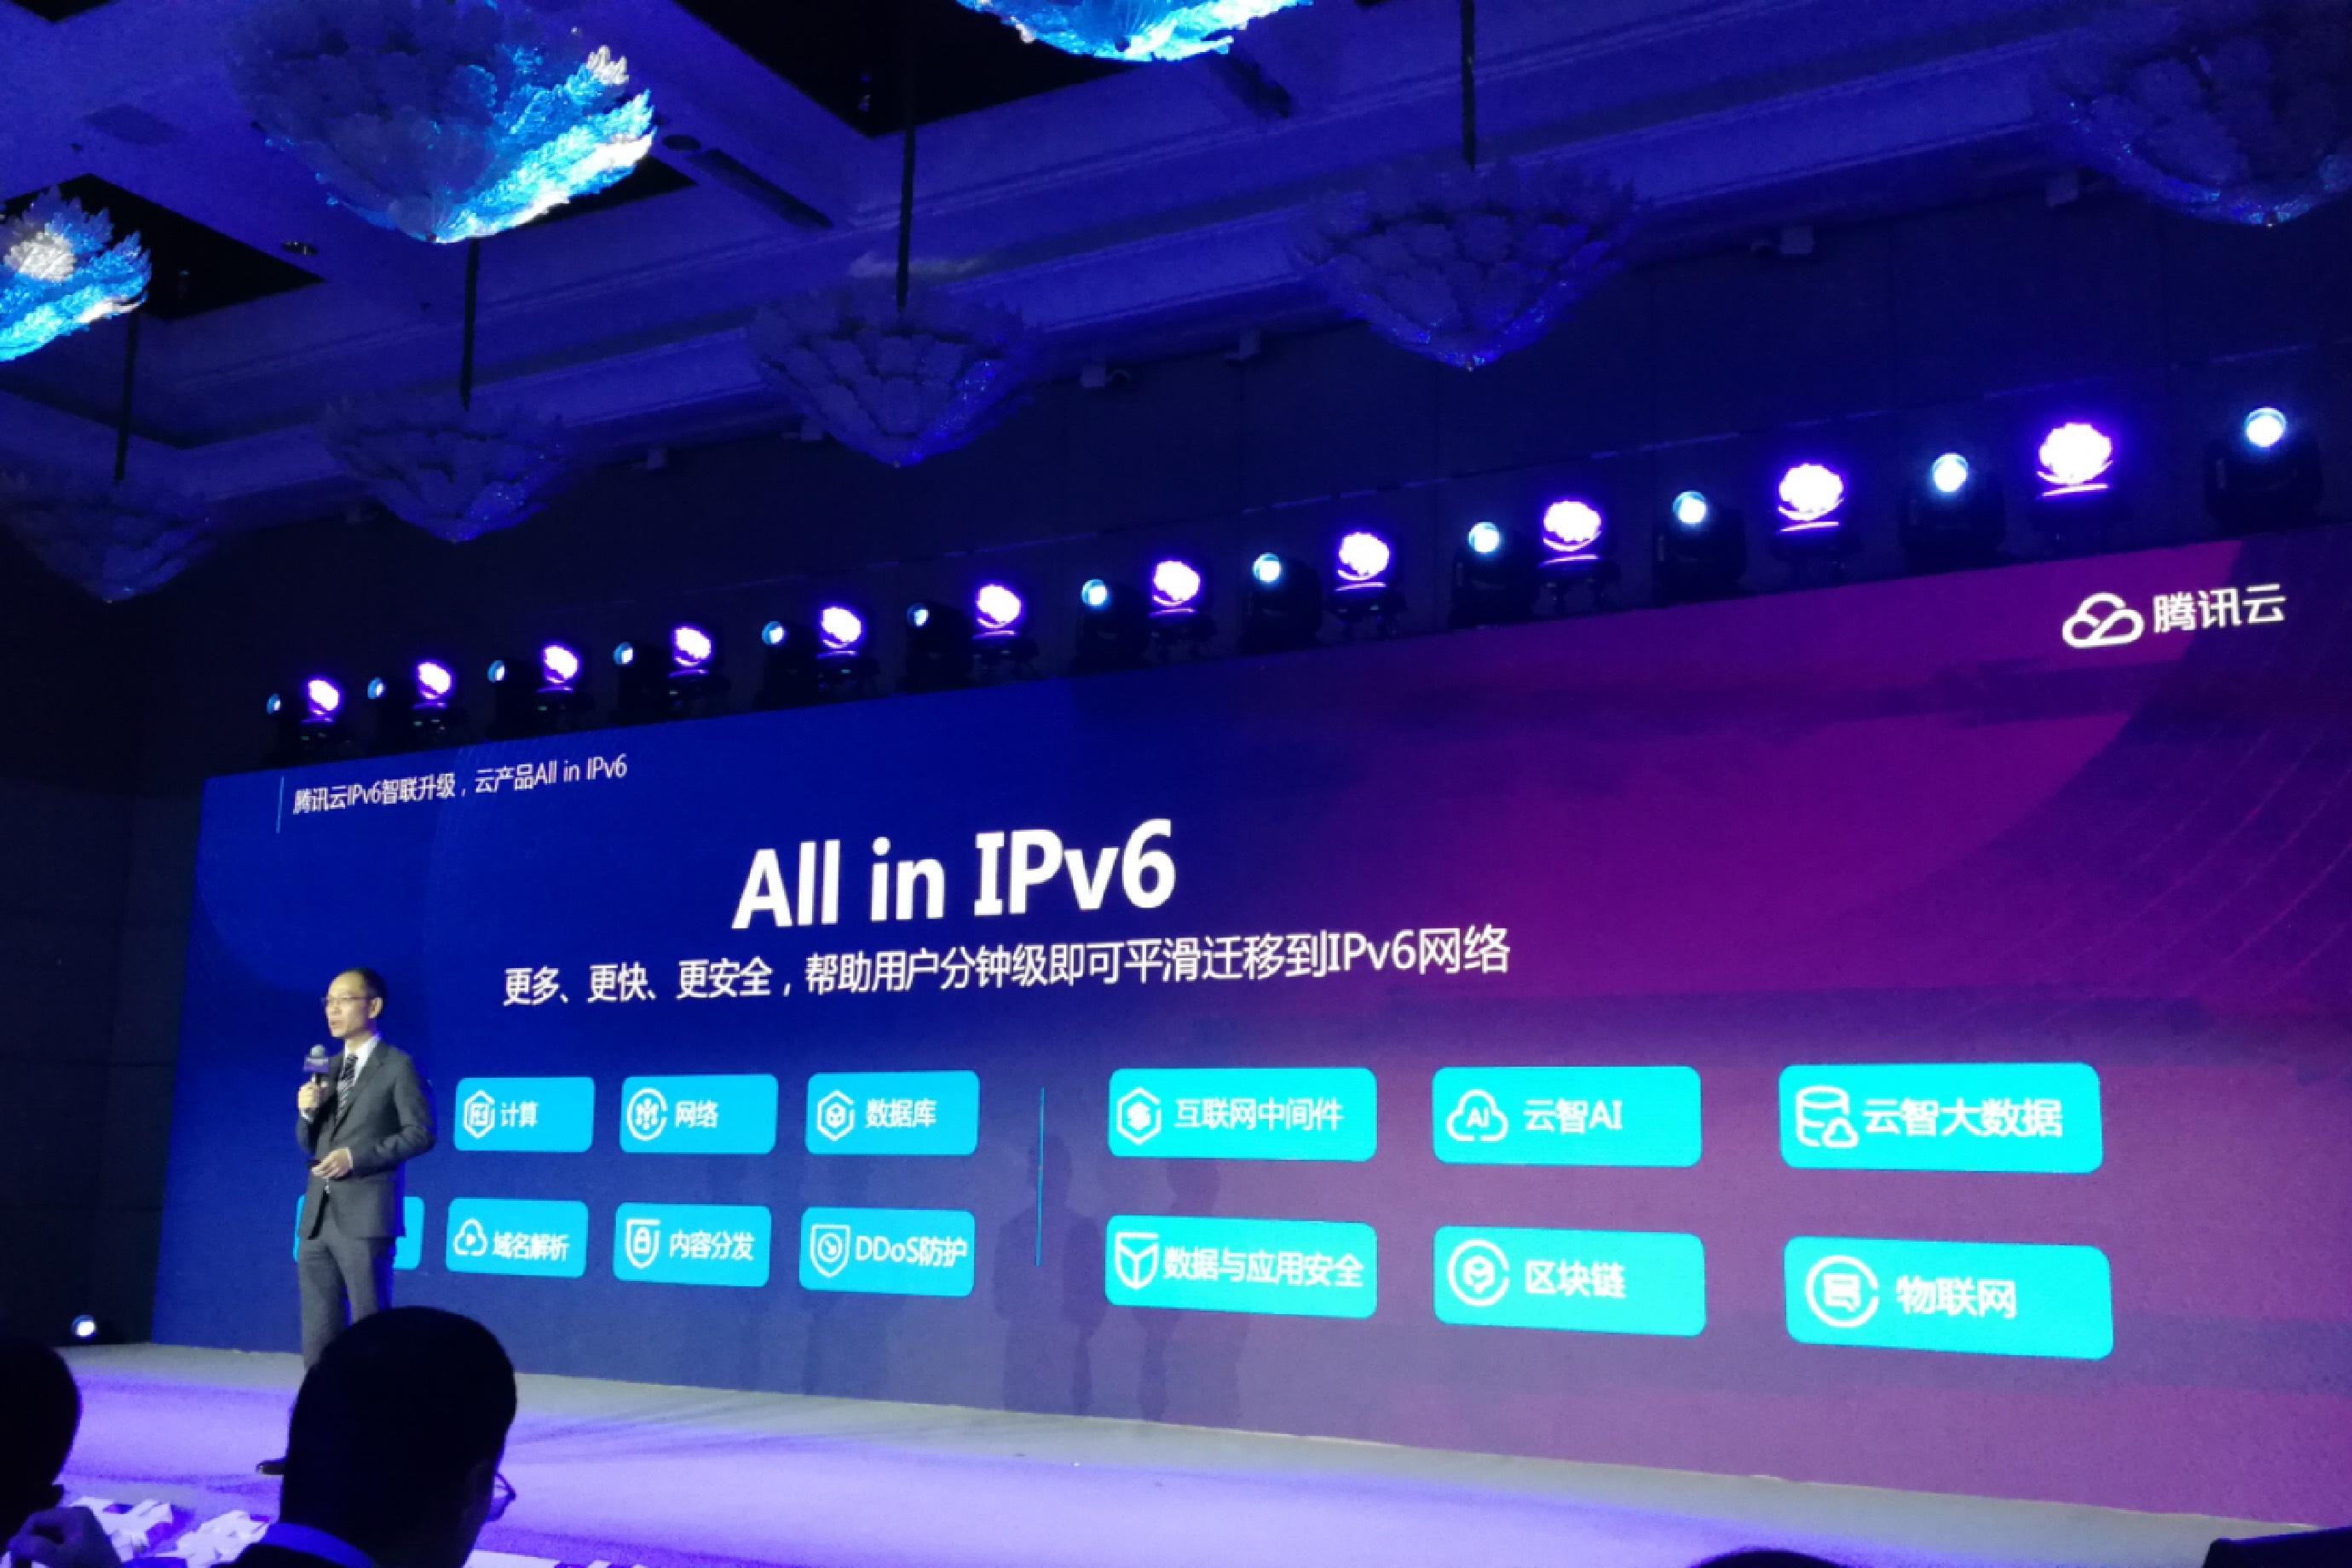 【企服观察】腾讯云战略All in IPv6,QQ微信等将完成技术升级